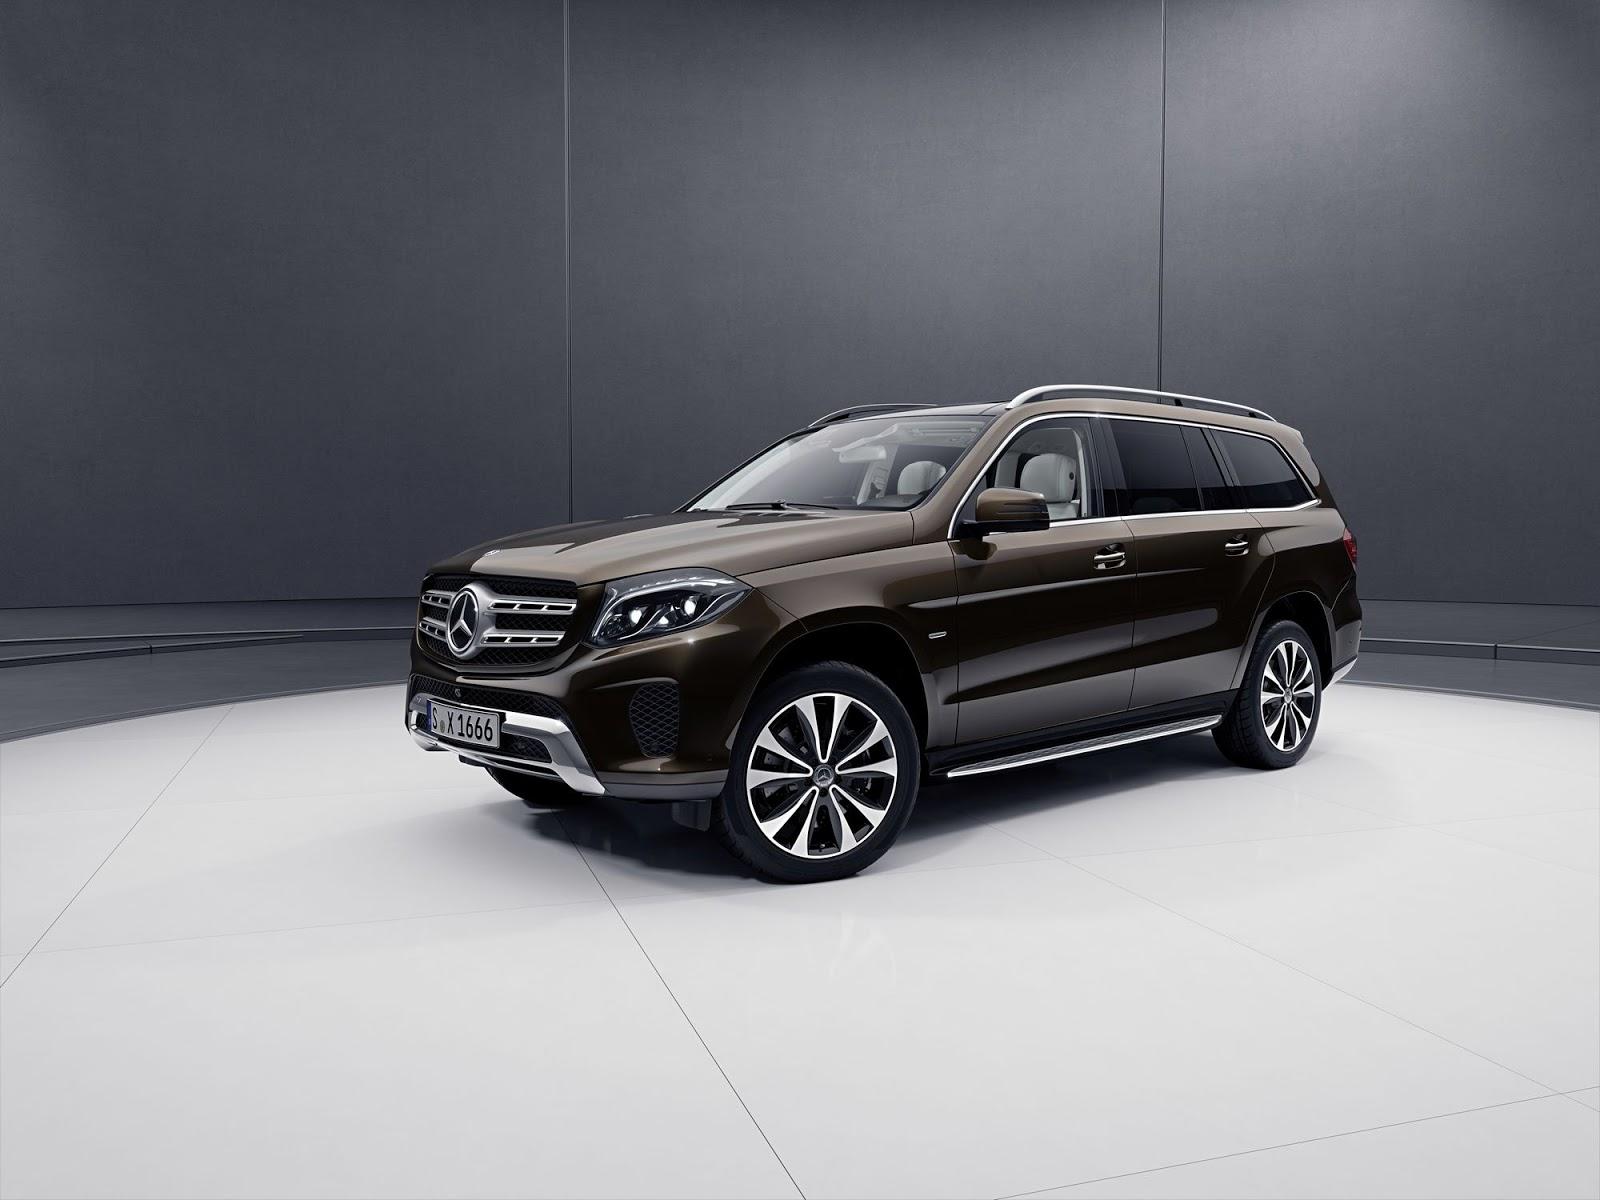 Benz GLS Grand Edition стал роскошнее